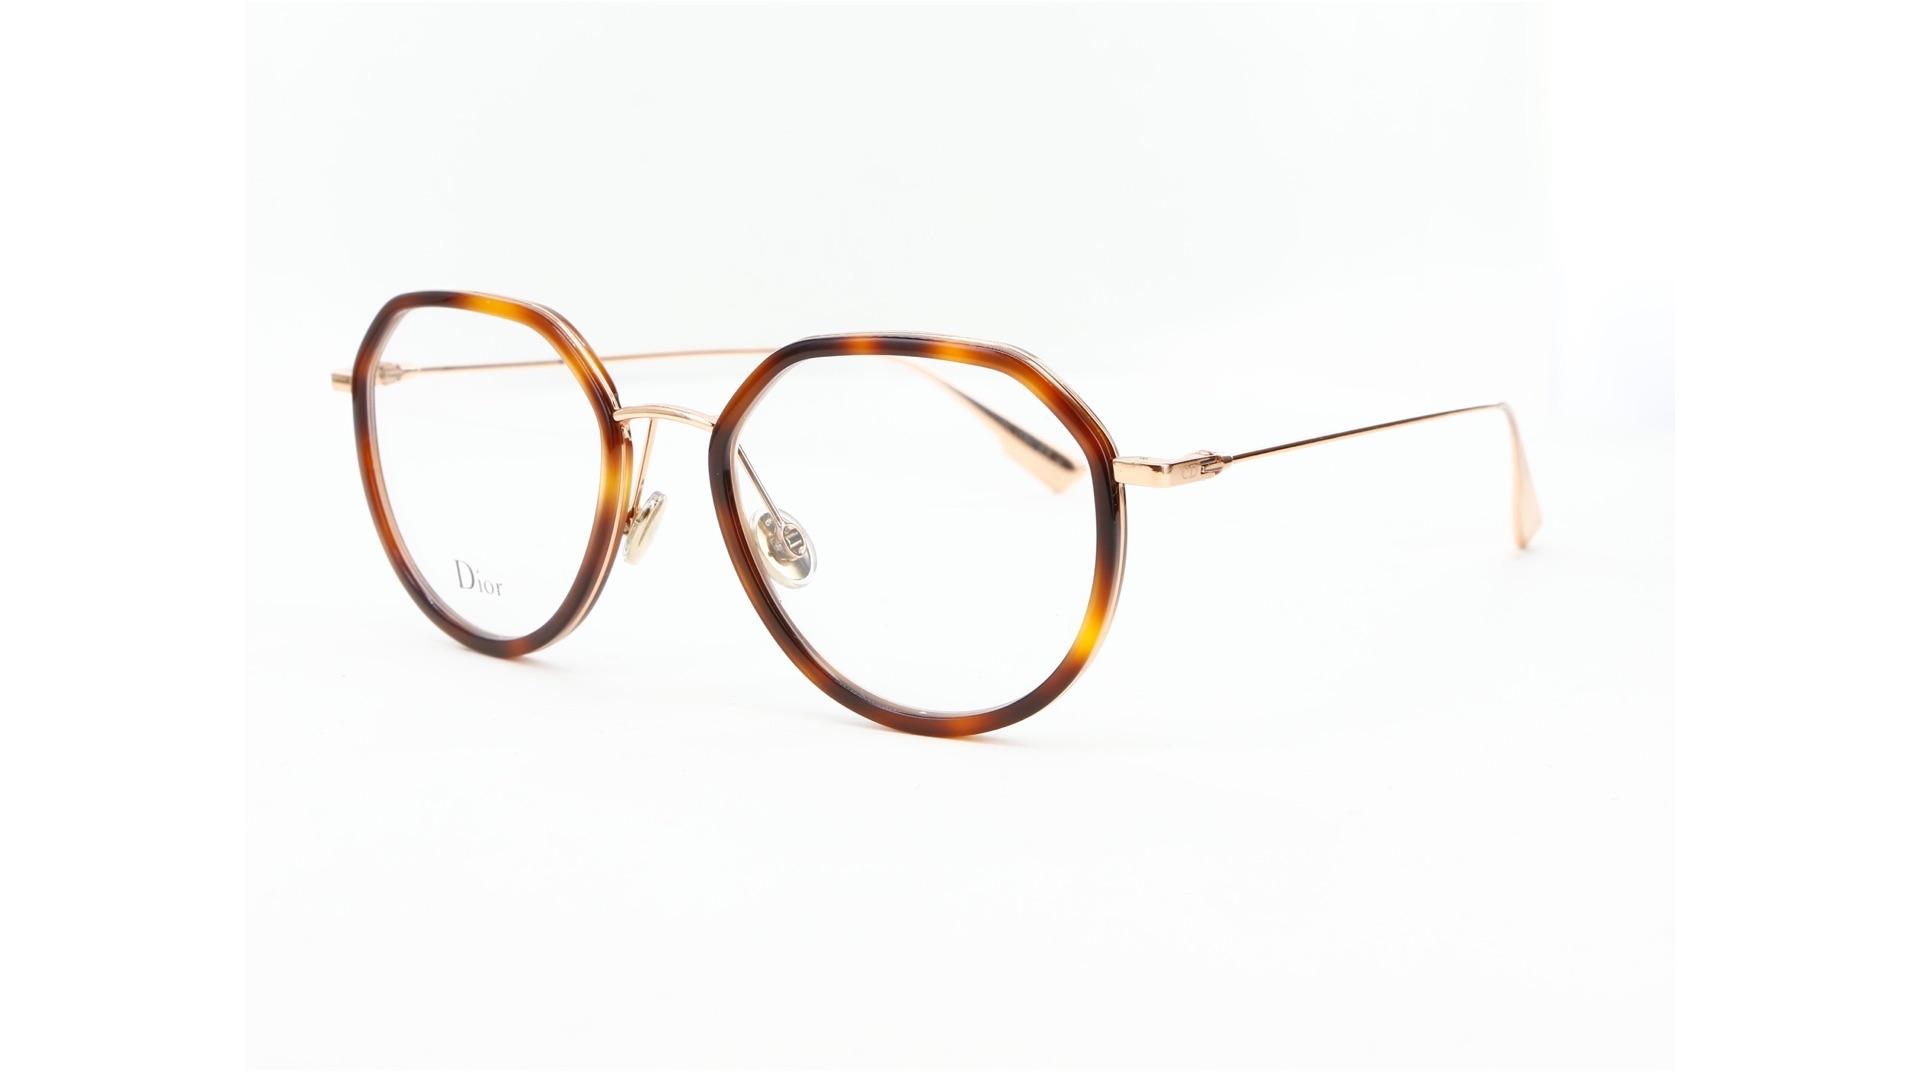 Dior - ref: 81612